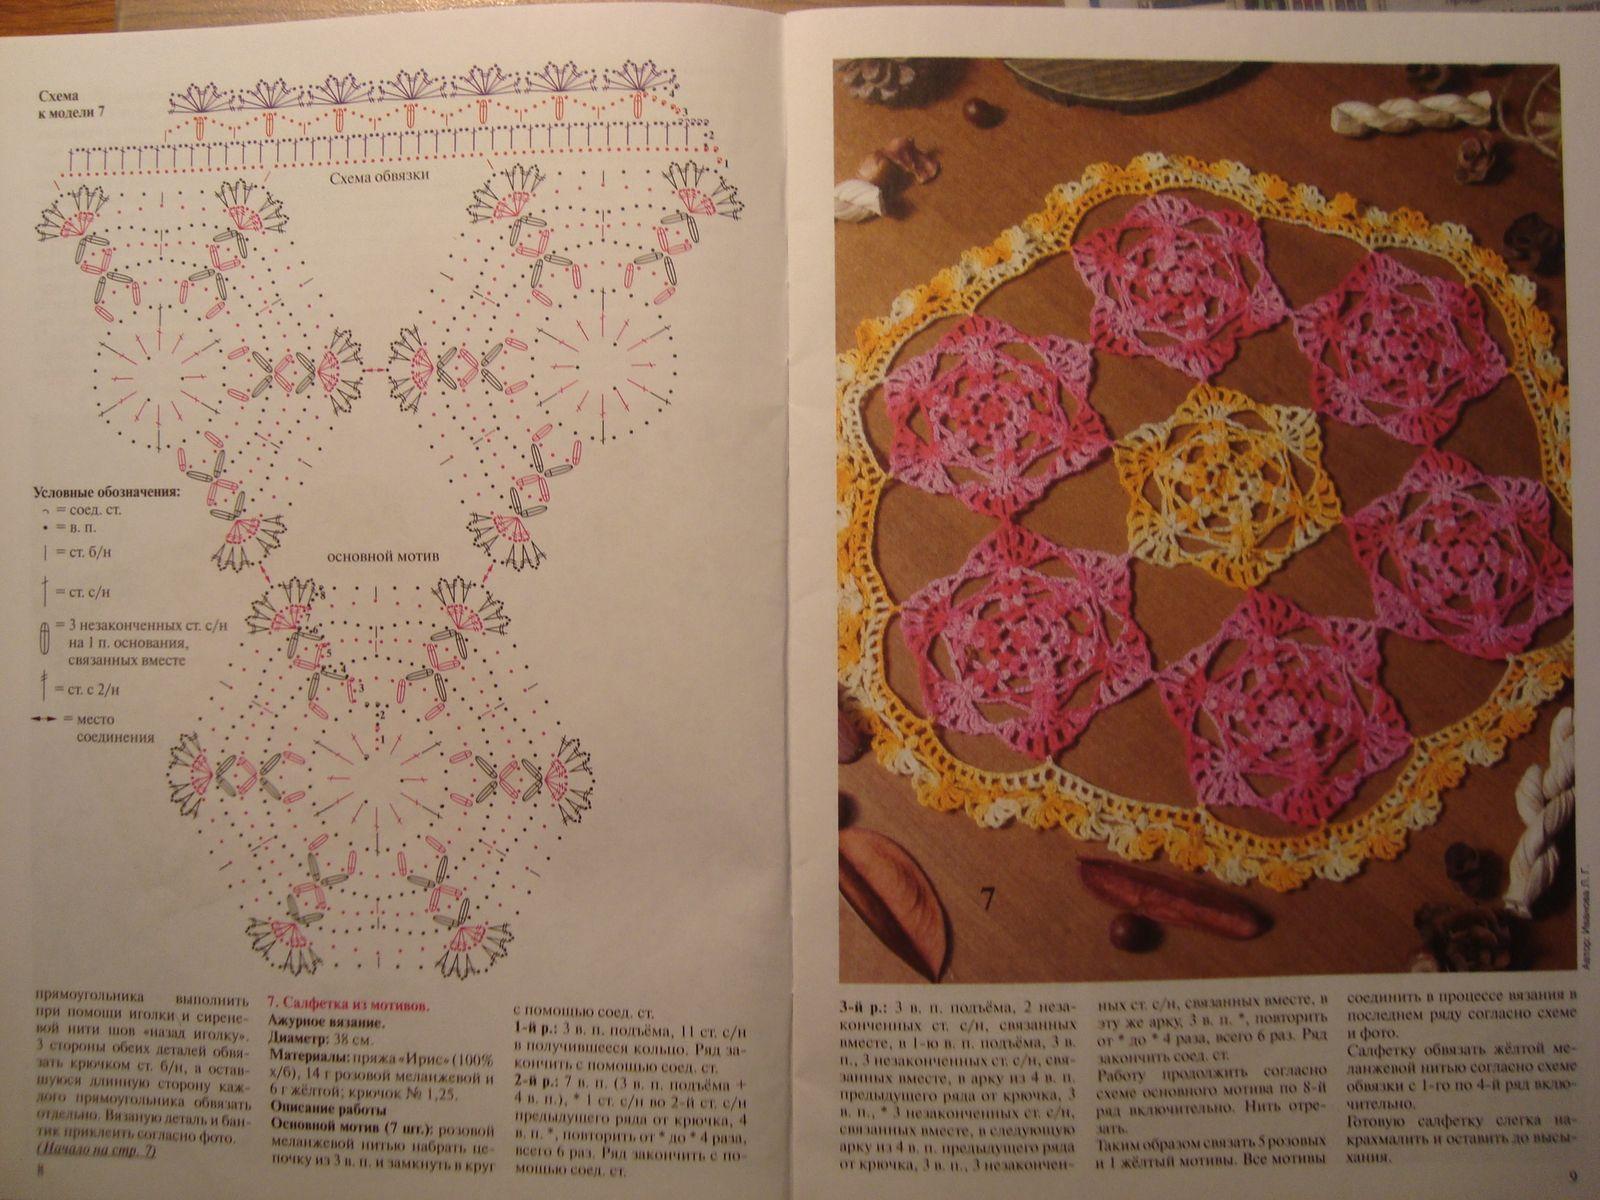 Centrino uncinetto rotondo piastrelle colorate esagonali punto croce uncinetto - Piastrelle esagonali uncinetto ...